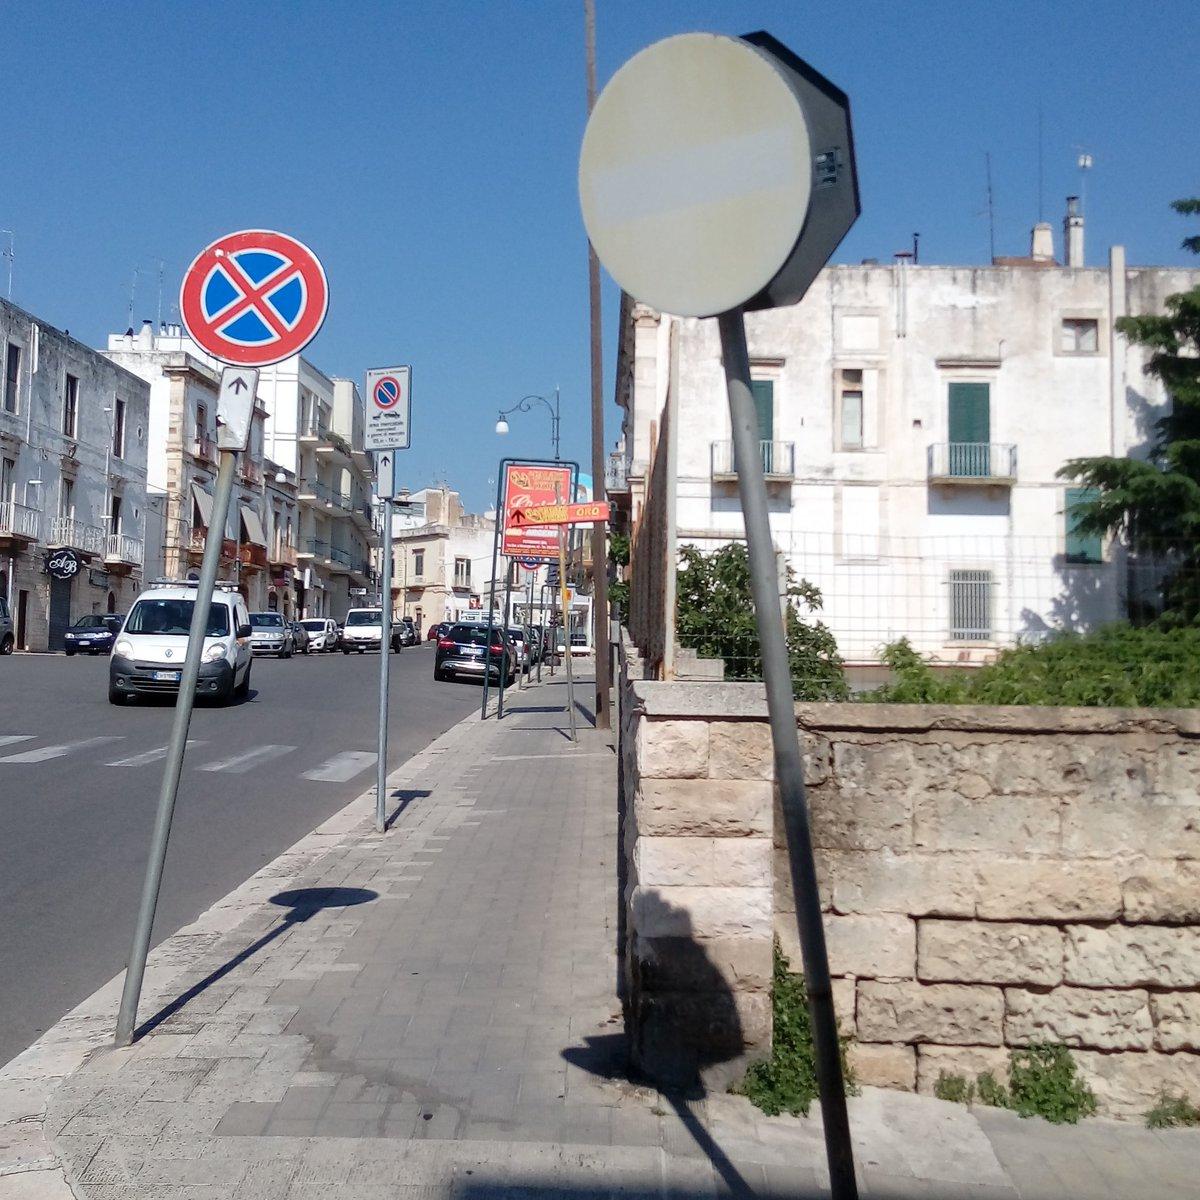 Investire in sicurezza stradale attraverso una nuova segnaletica a Putignano @Adnkronos @LaGazzettaWeb @rep_bari @TgrRai @RaiTre @RegionePuglia @Strisciapic.twitter.com/5pemhryJix